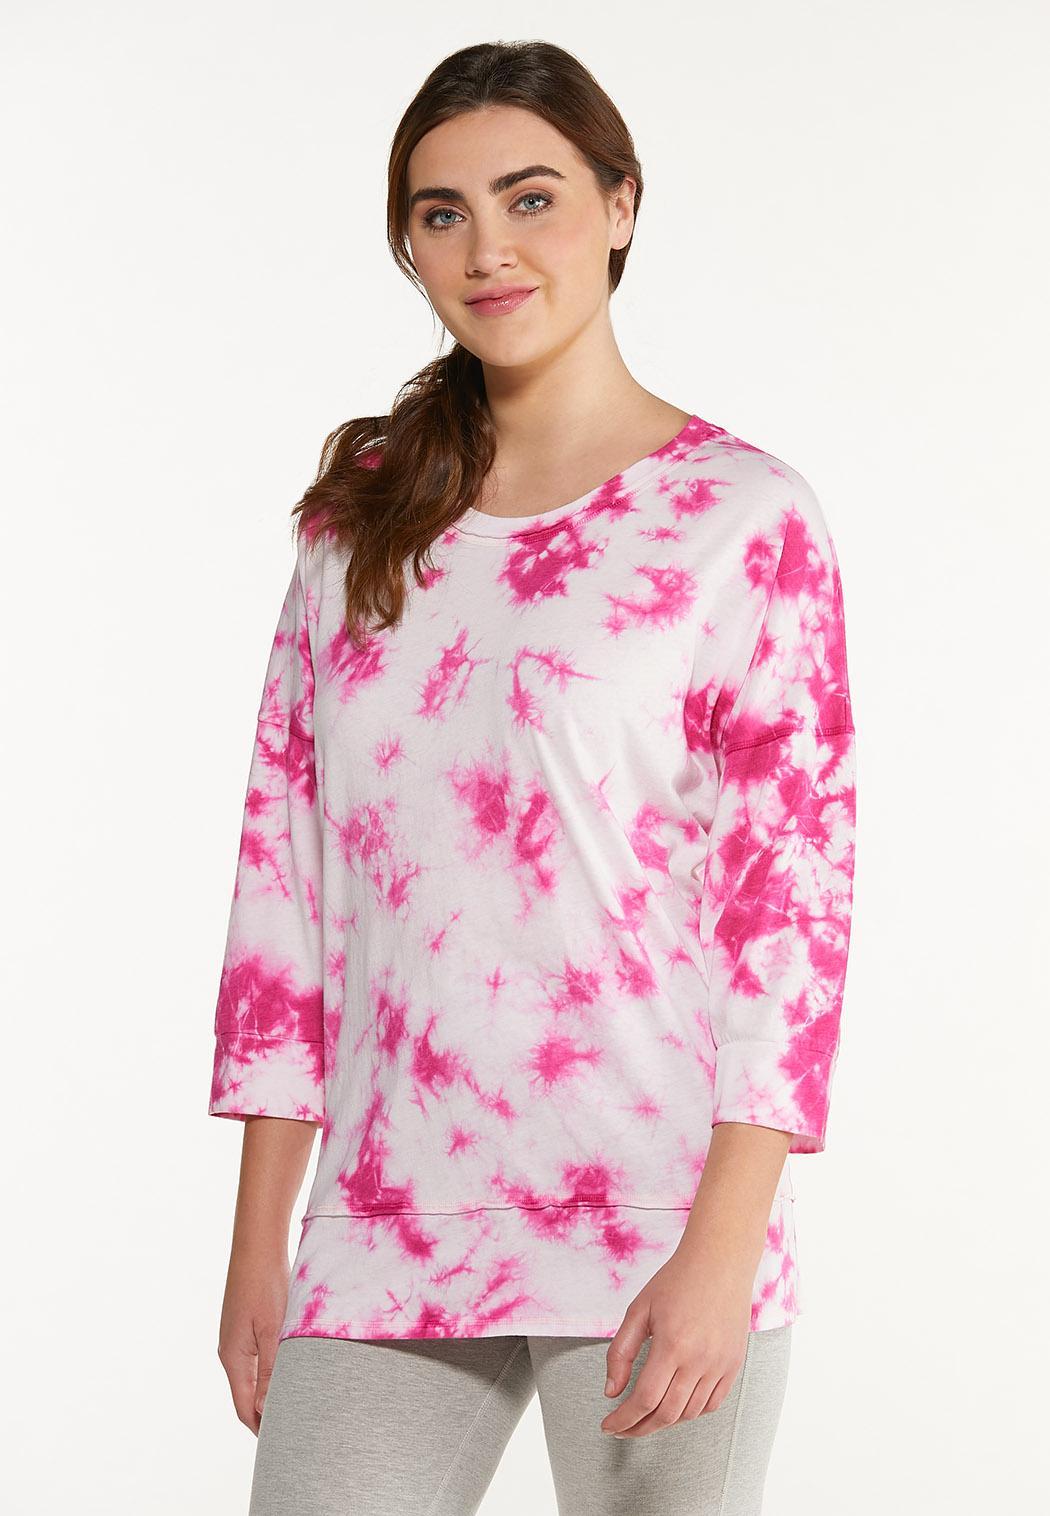 Plus Size Pink Tie Dye Top